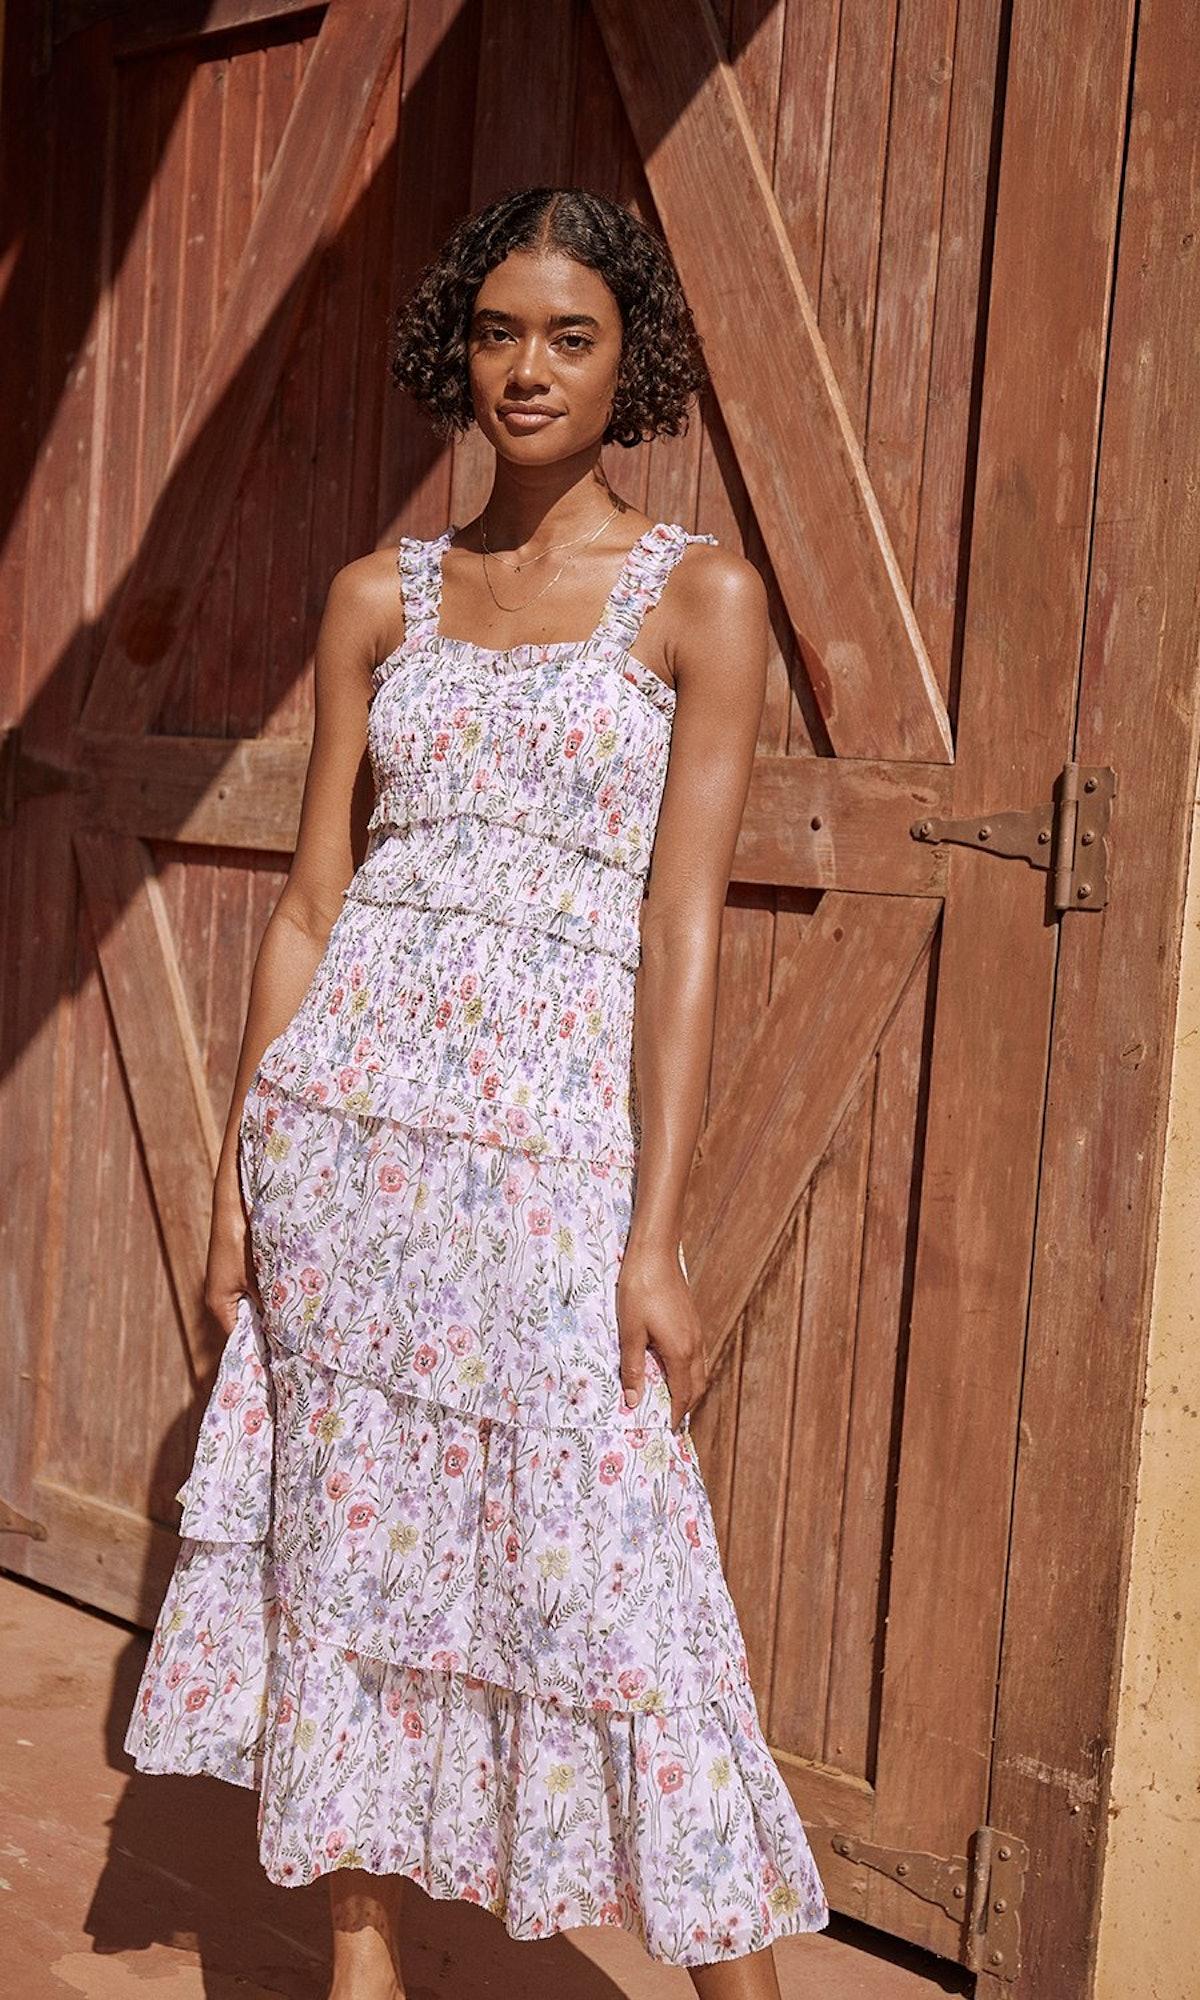 Leanna maxi dress from SAYLOR.